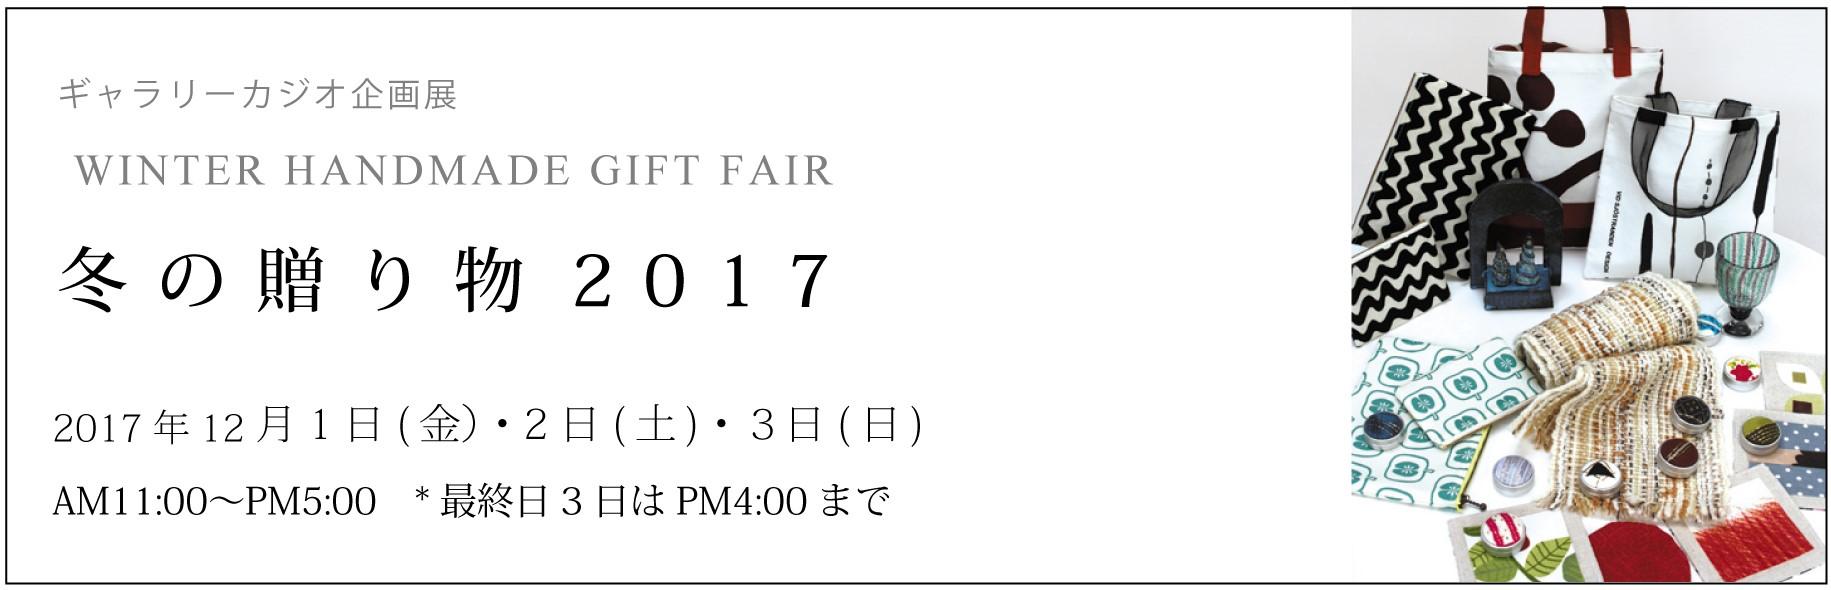 gifuto_2017-12